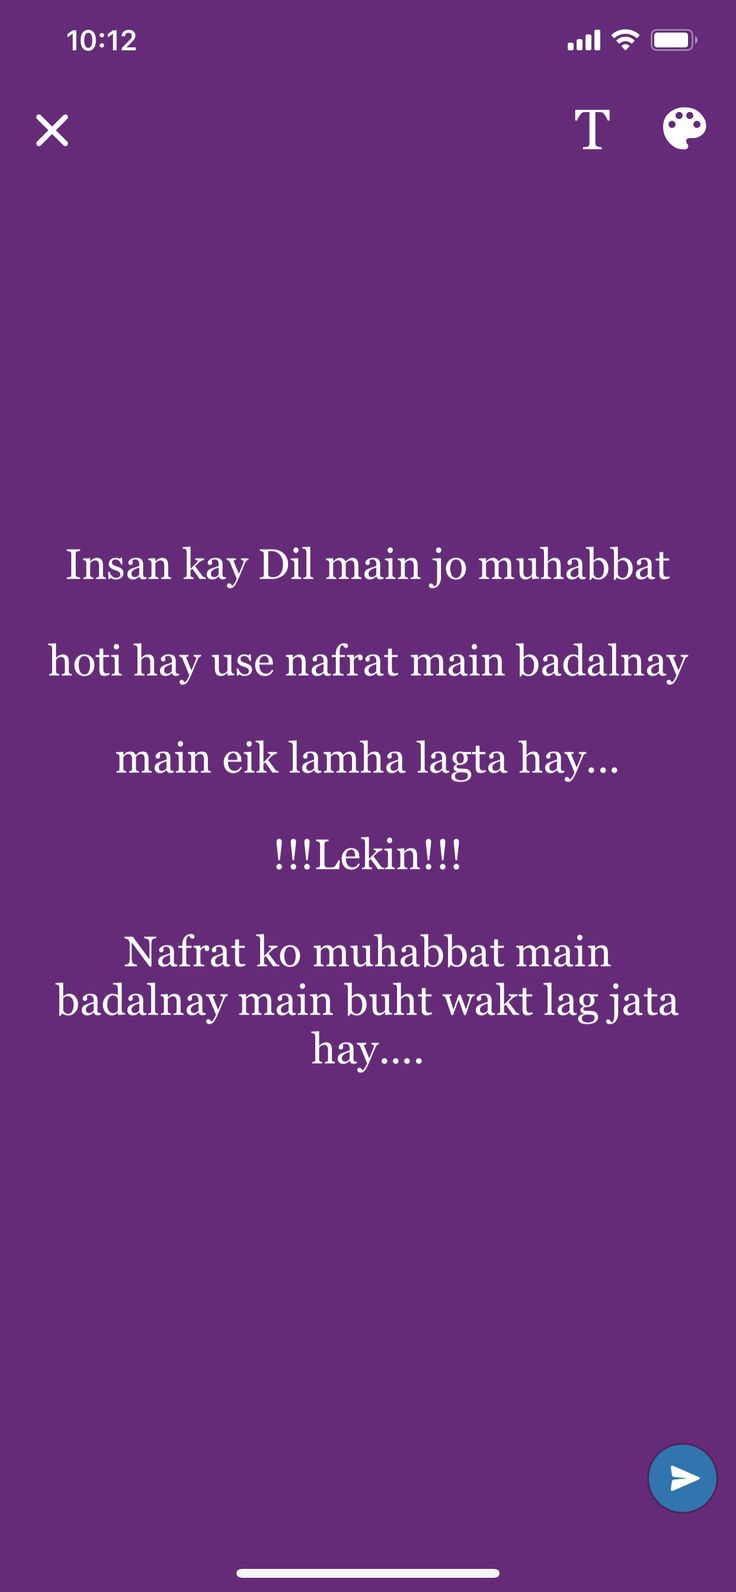 Pin by Rehan abbas on •°UrDu•♡•PoEtrY°• in 2020 | Urdu ...